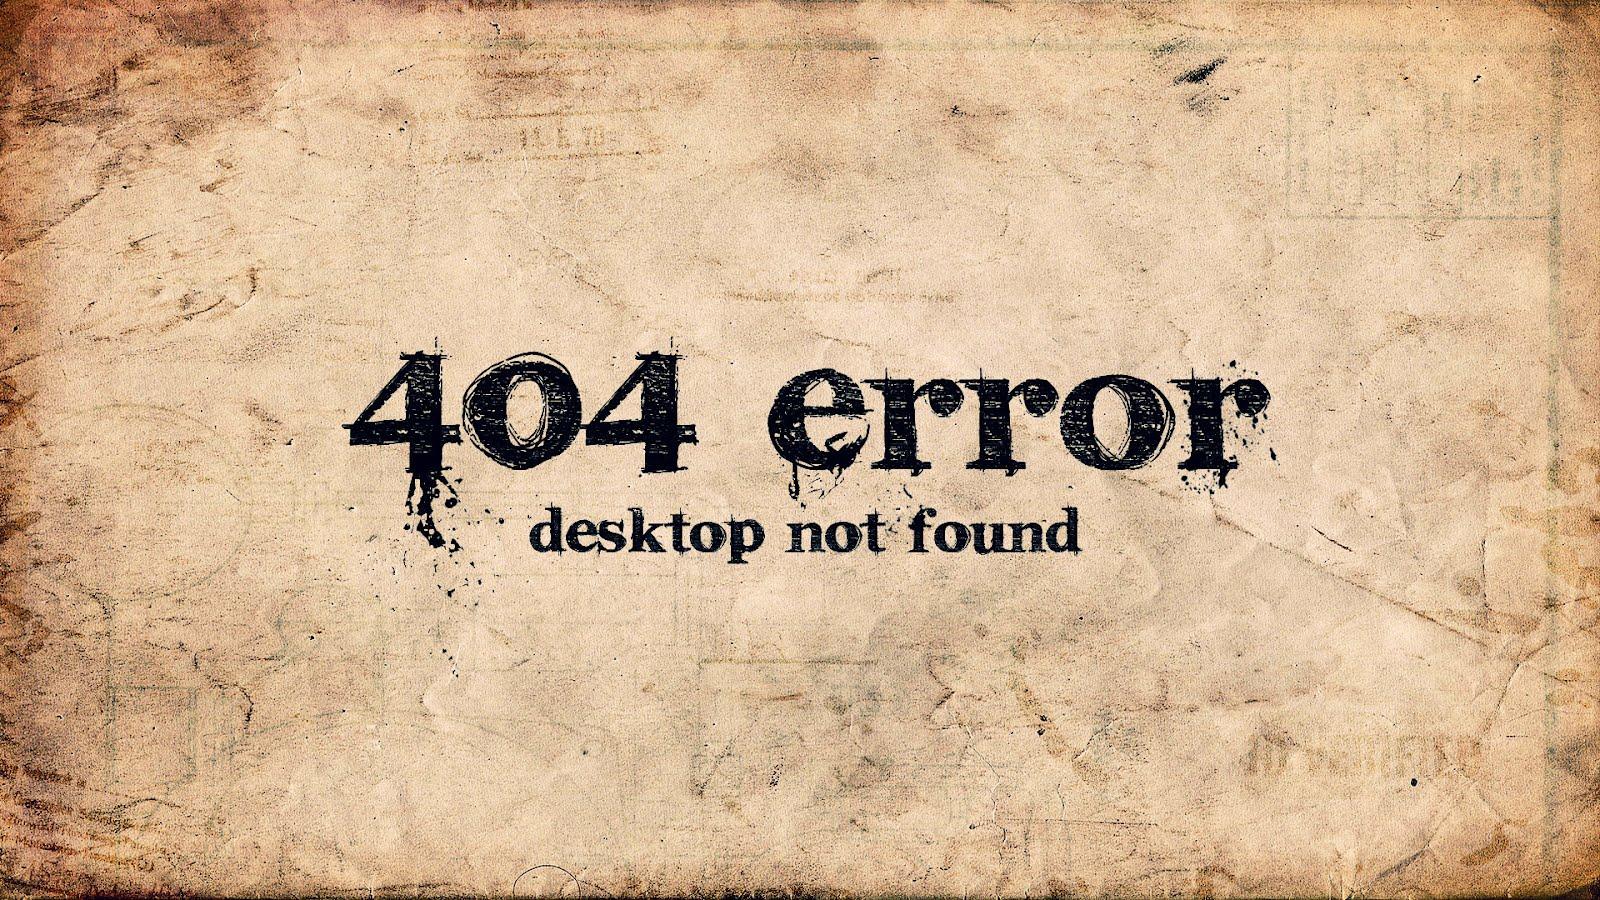 http://4.bp.blogspot.com/-KVPYCsjlQx4/T7Eumm3qMbI/AAAAAAAAATs/BkW9ZNJzoXs/s1600/404%2BError%2BMessage%2BMac%2BWallpapers%2BOnline%2BDesktop-788151.jpeg